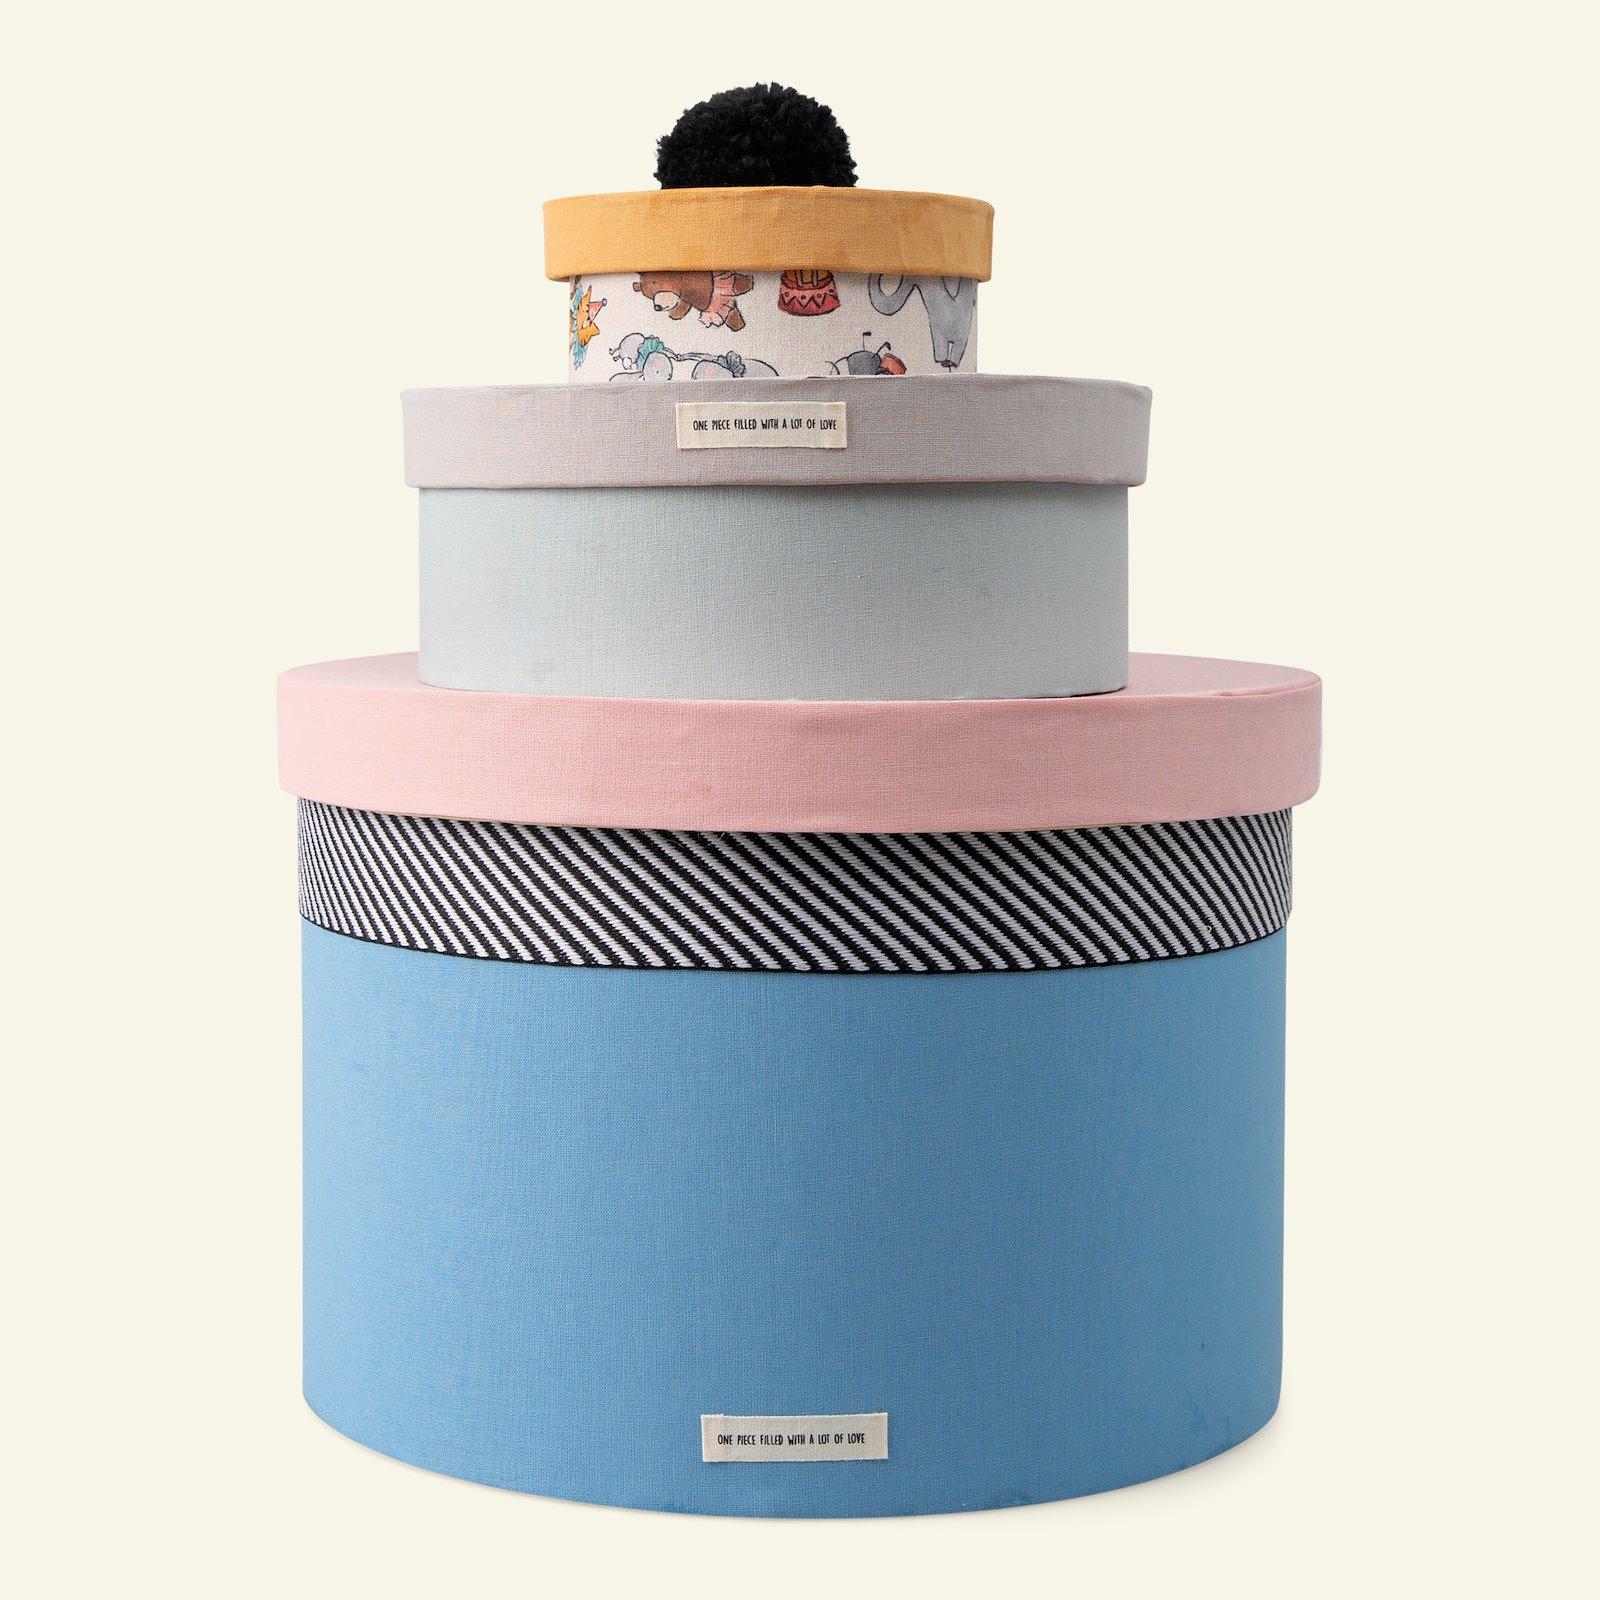 Luxury cotton dusty pink 46269_4361_780504_4240_4320_4358_4310_90066043_sskit